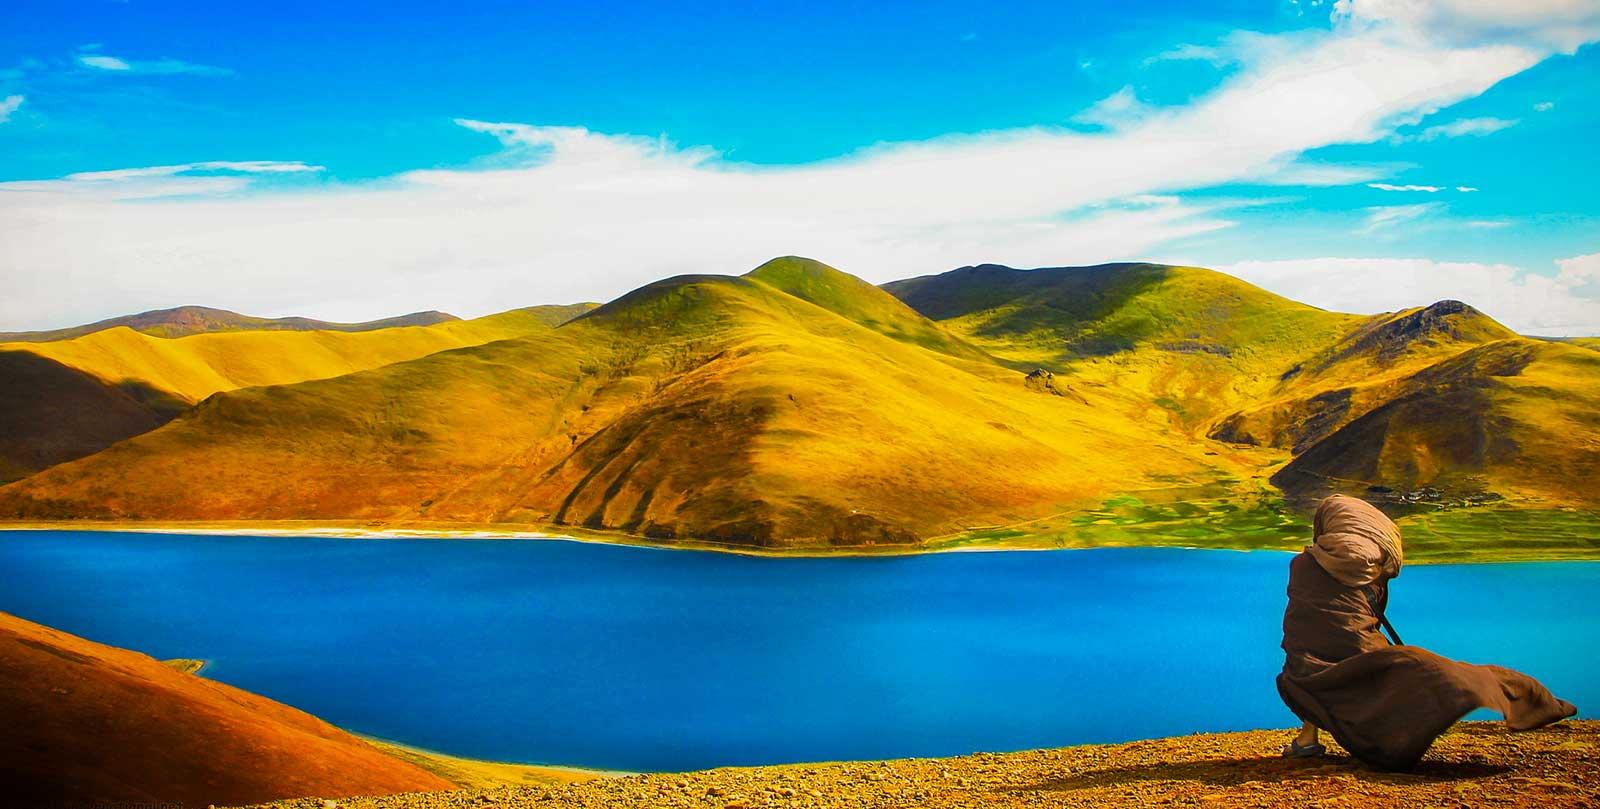 tibet lago yamdrok